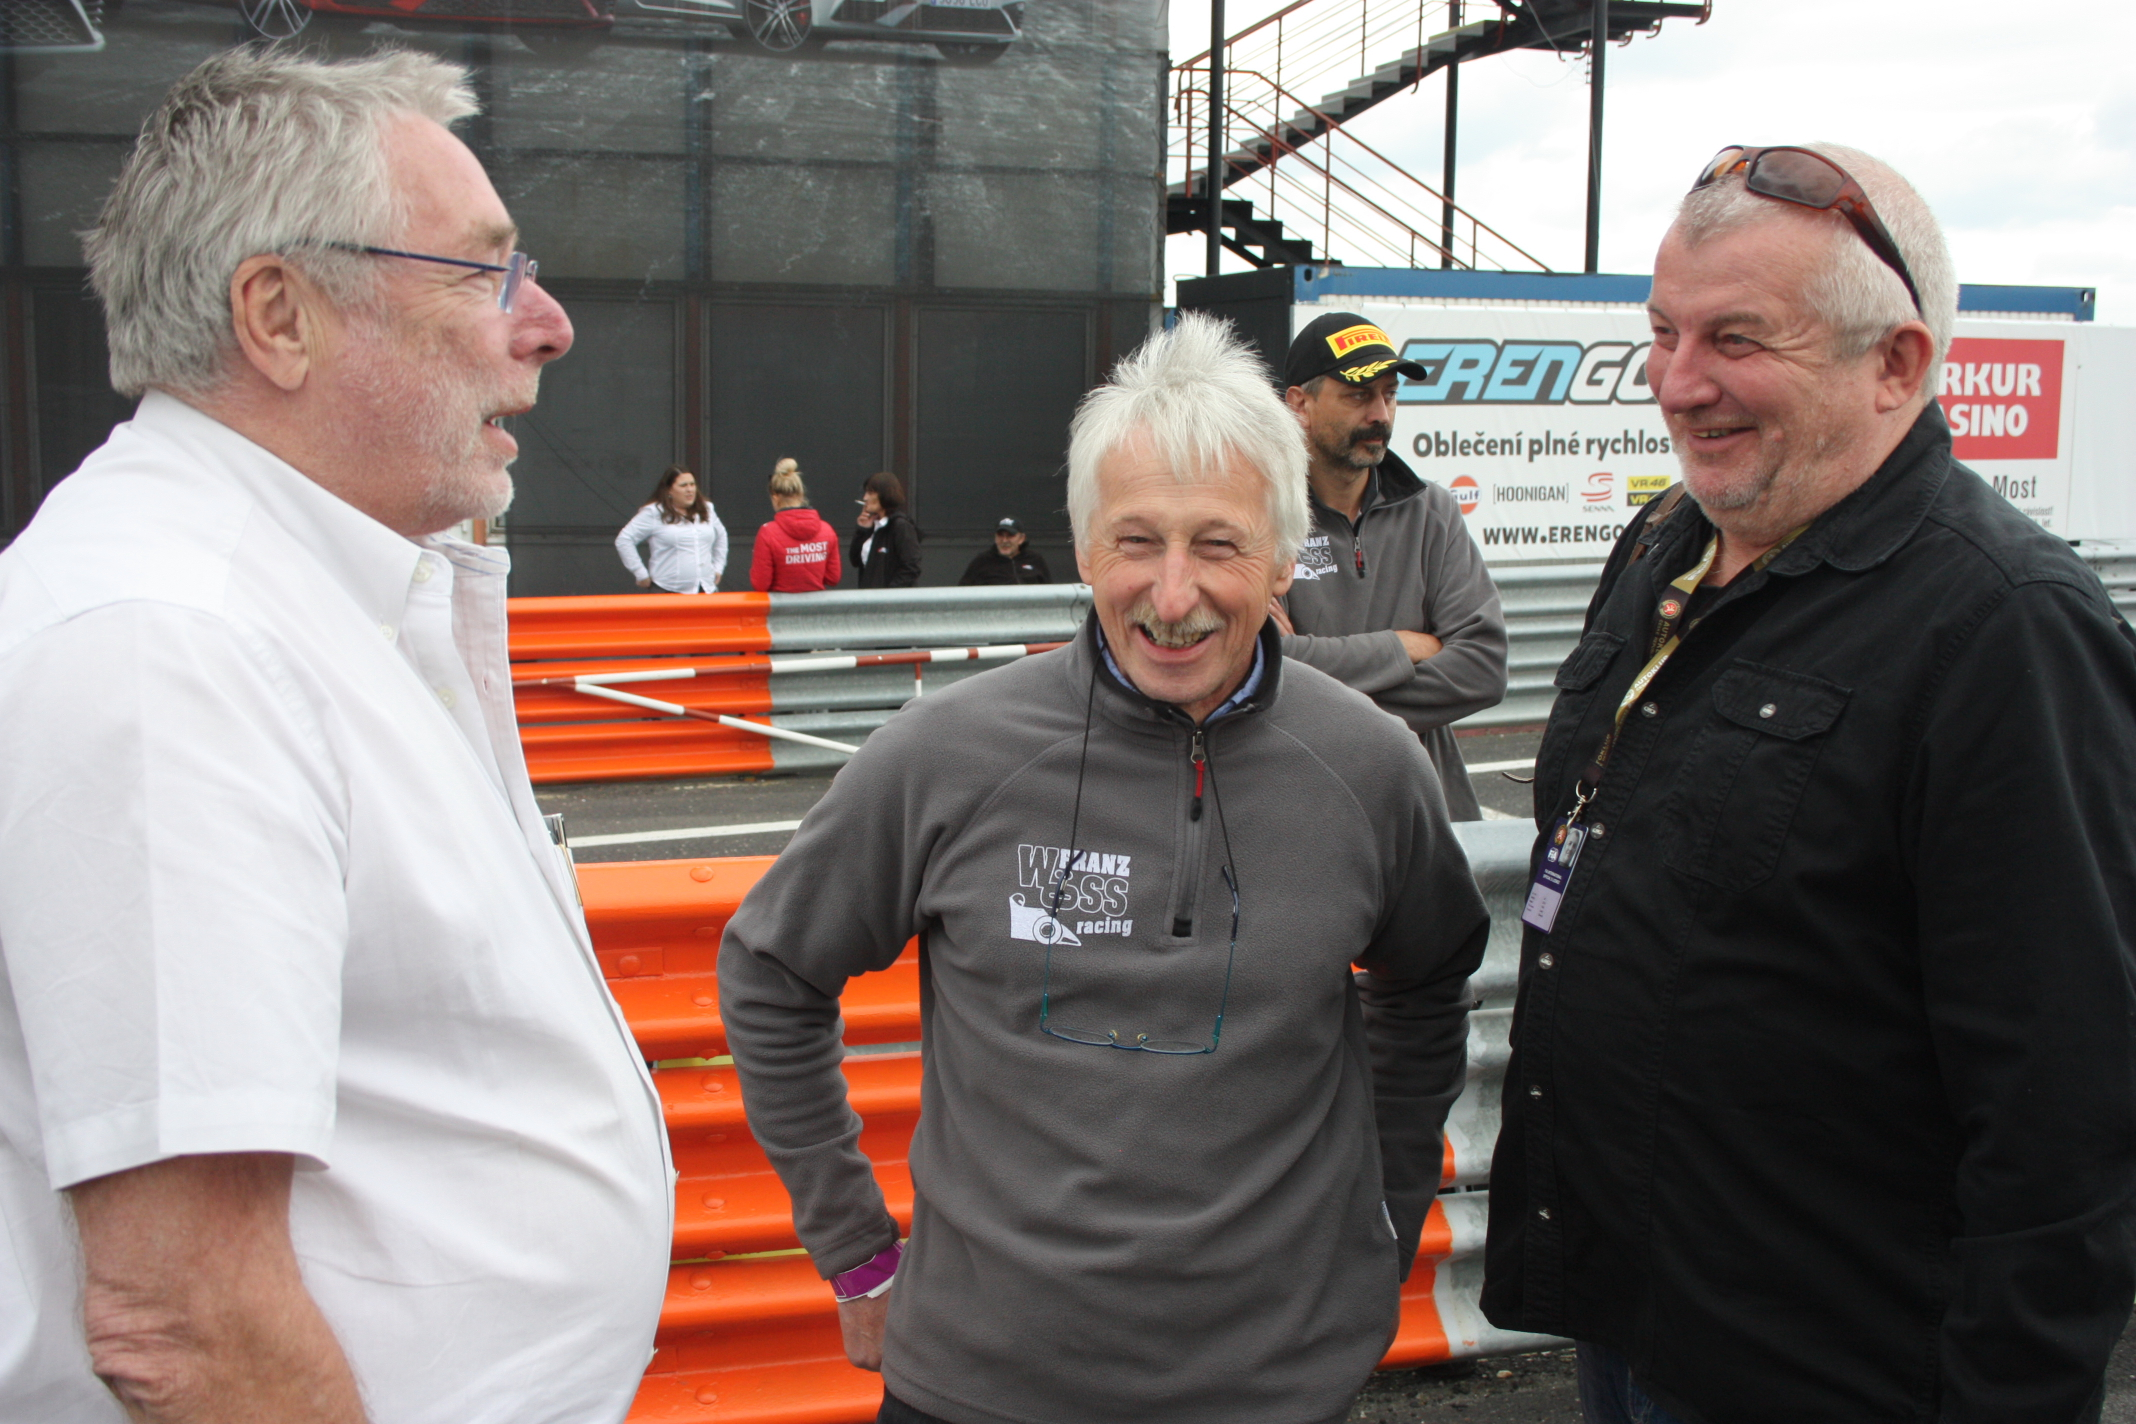 Hlavním komisařem podniku byl legendární Juergen Barth. Uprostřed je nezmar Formule 3, organizátor série AFR-Cup Franz Woess